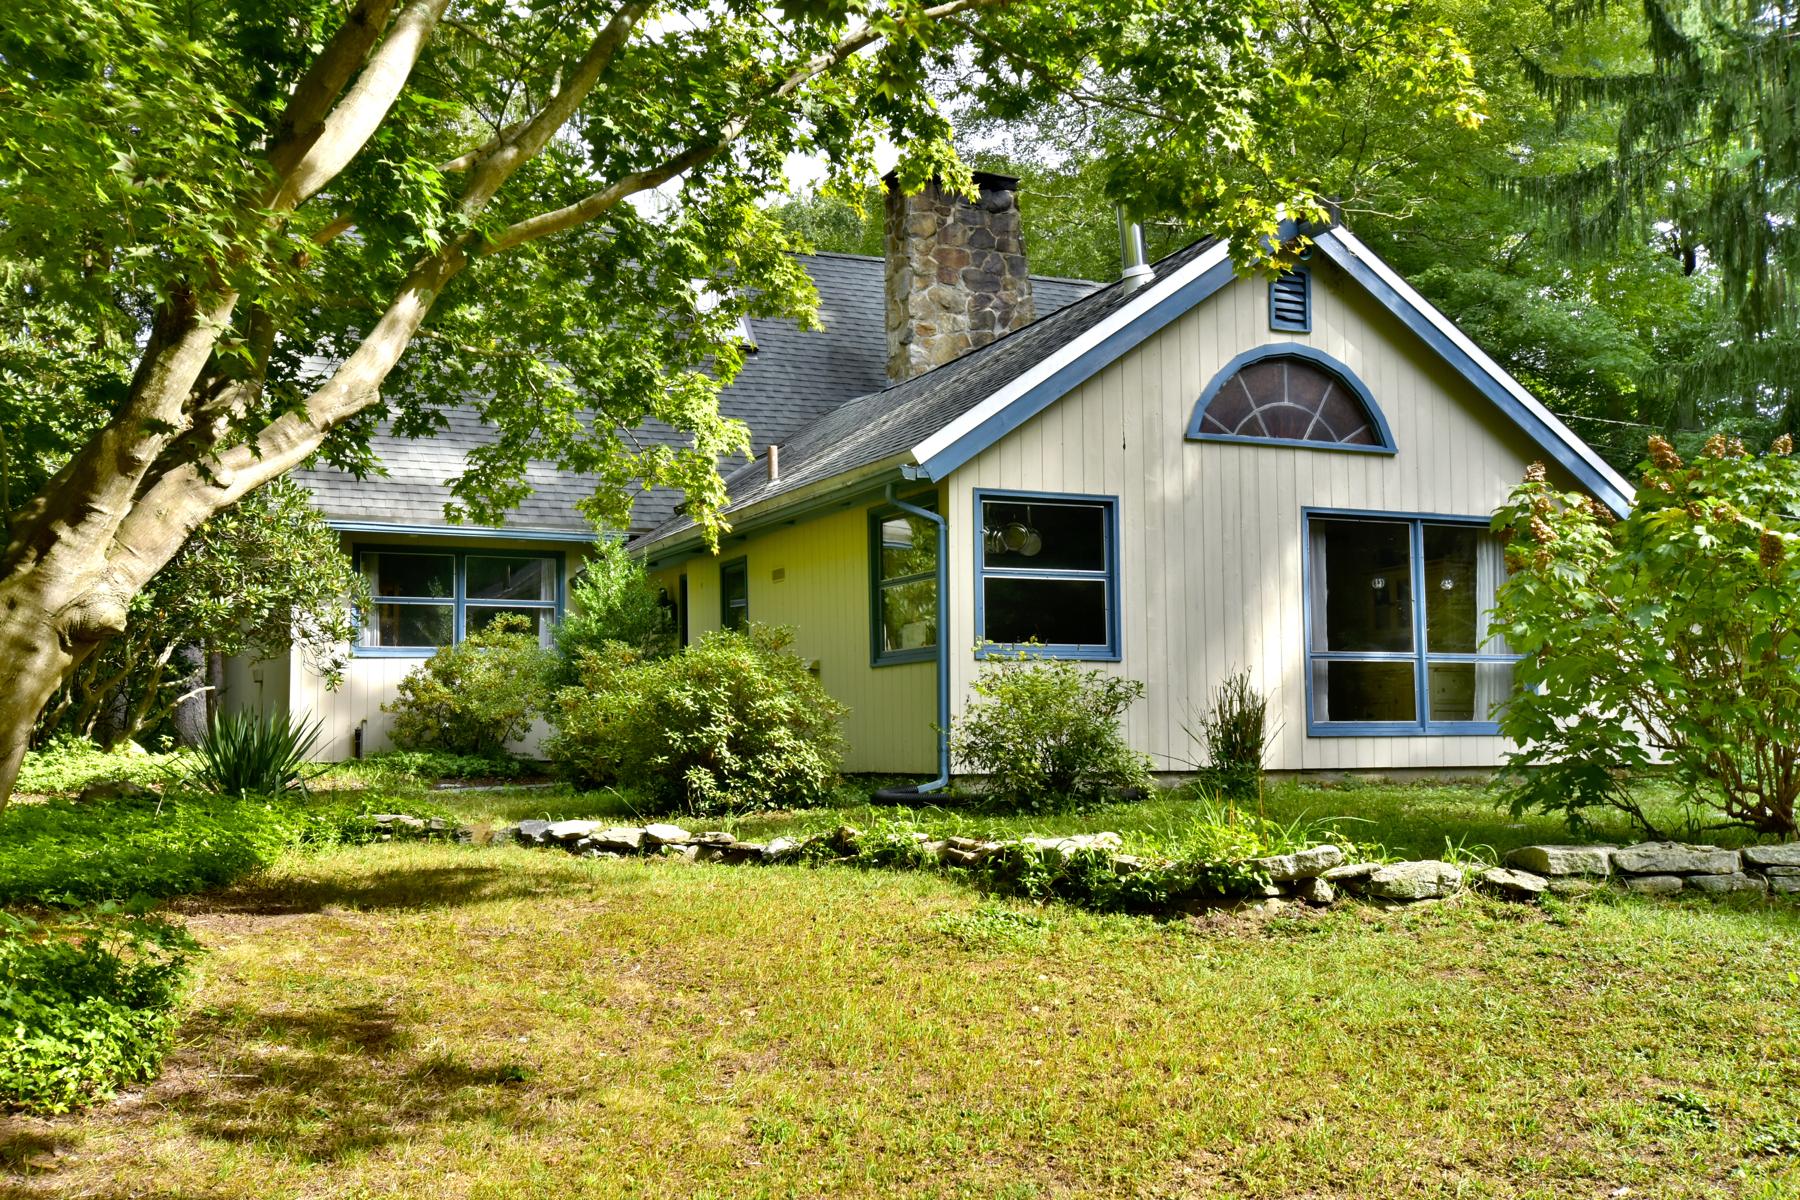 Nhà ở một gia đình vì Bán tại Charm and Peaceful Tranquility in this 1940's Cape 423 Roast Meat Hill Rd Killingworth, Connecticut, 06419 Hoa Kỳ